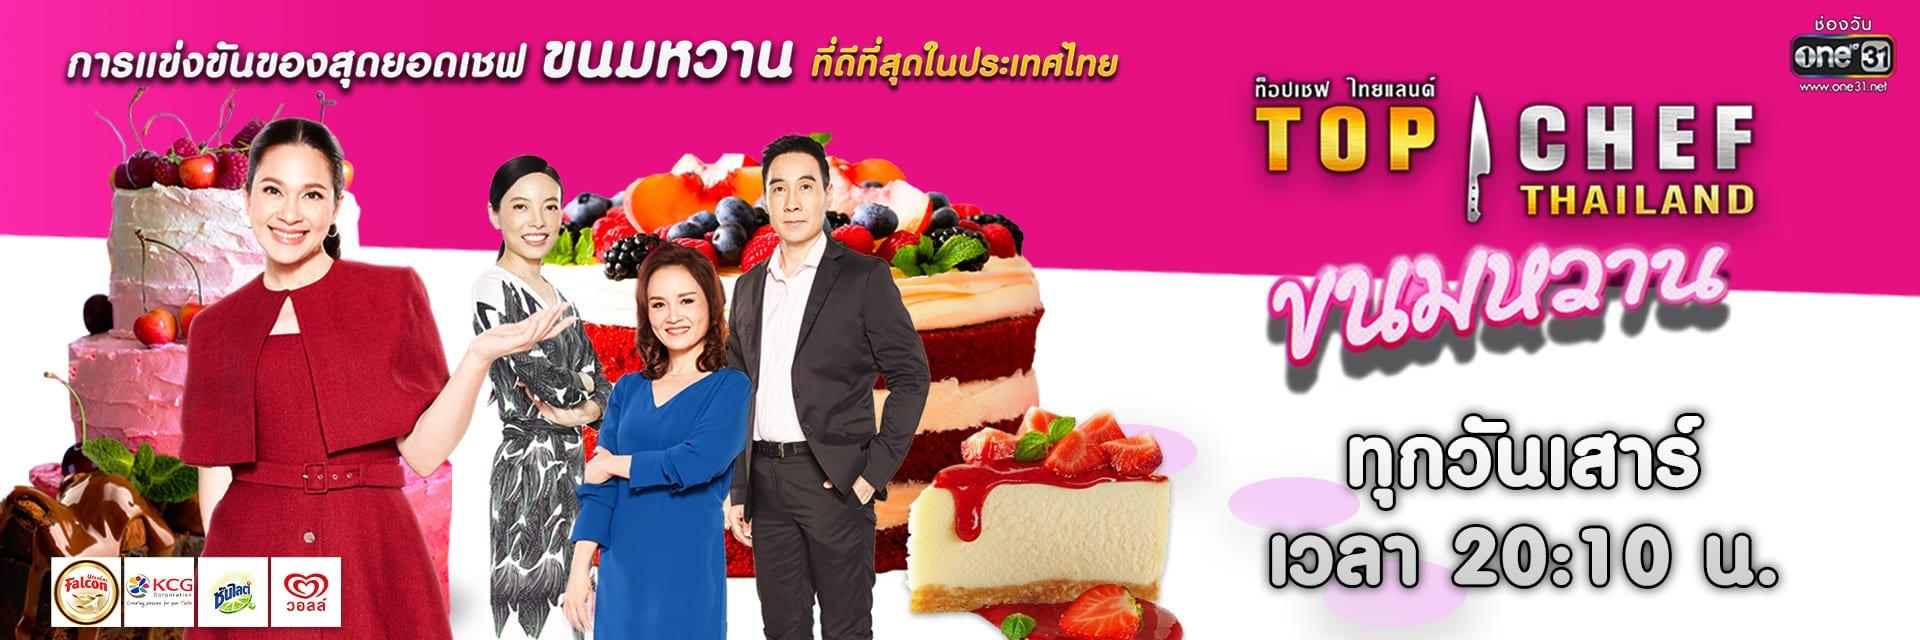 TOP CHEF THAILAND ขนมหวาน